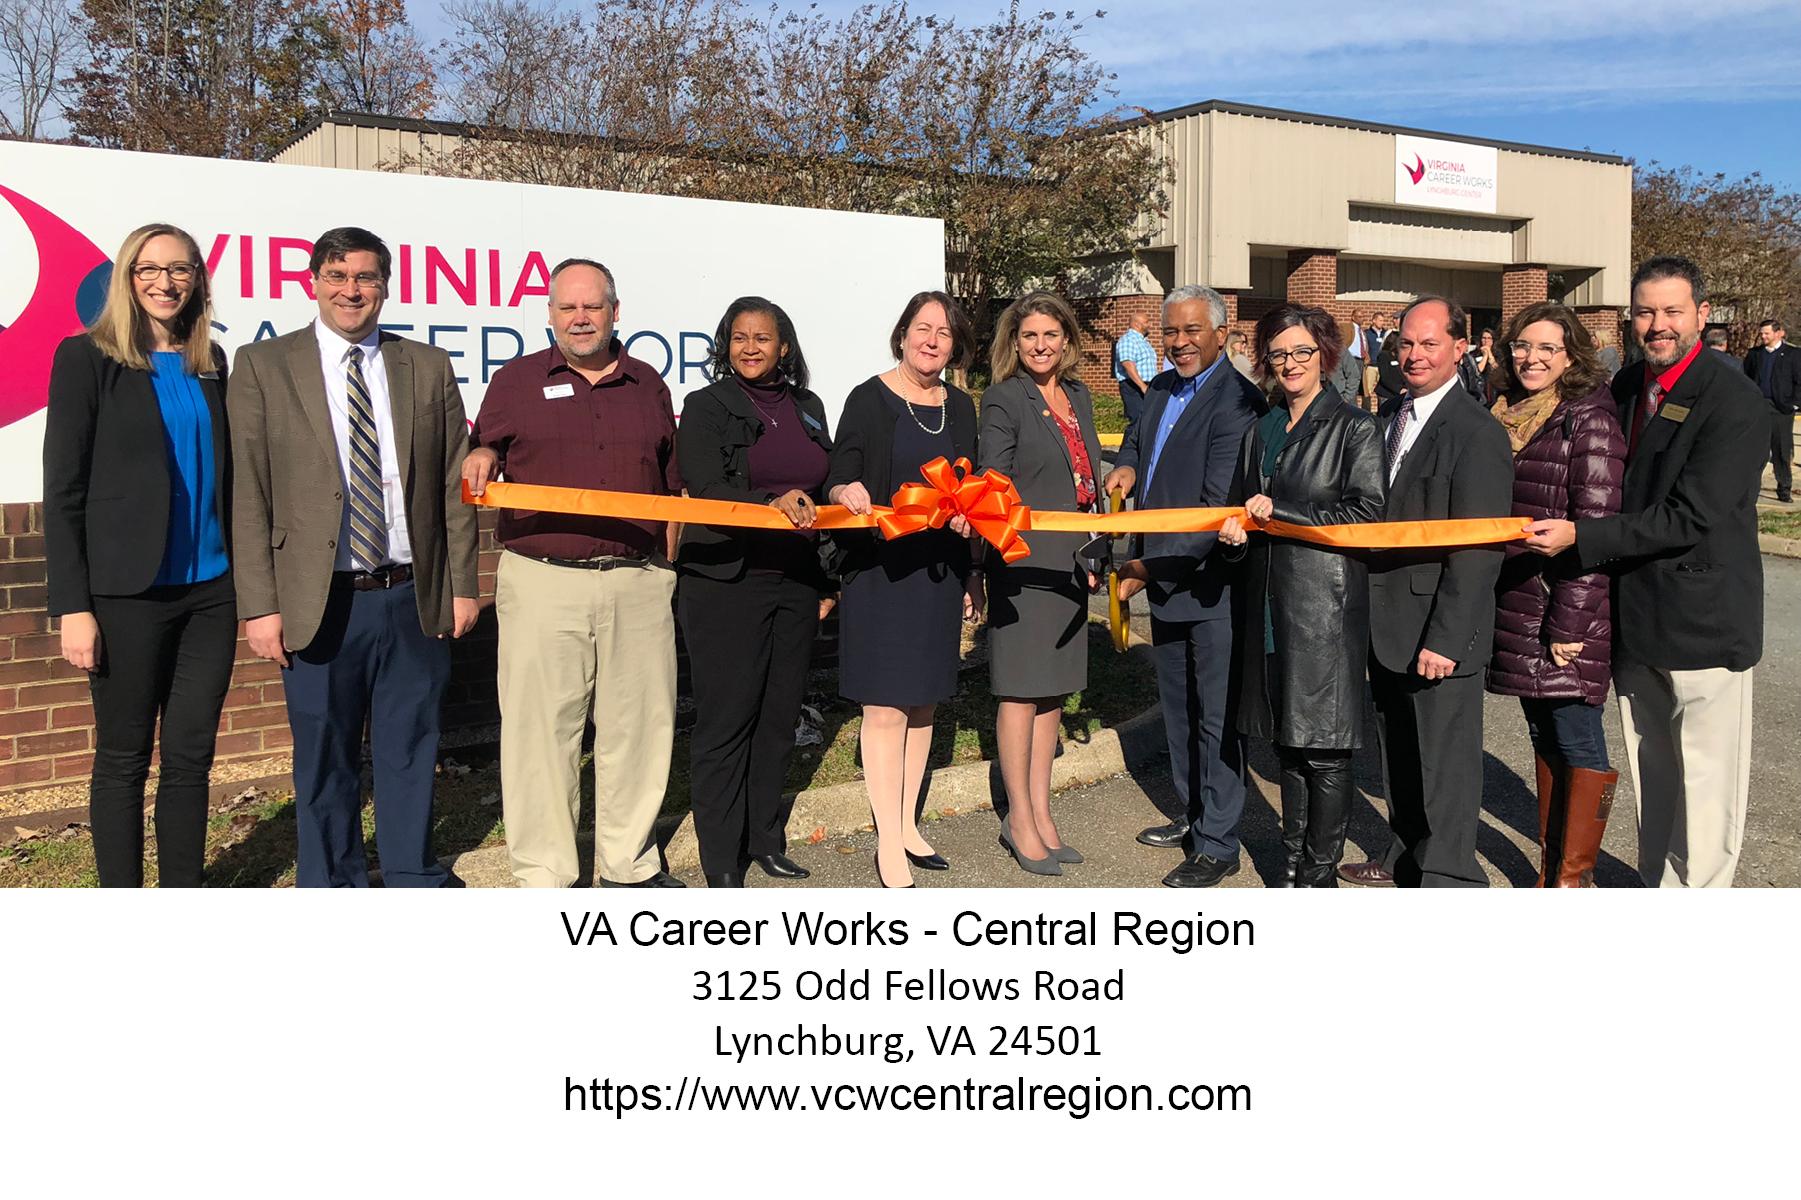 VA Career Works